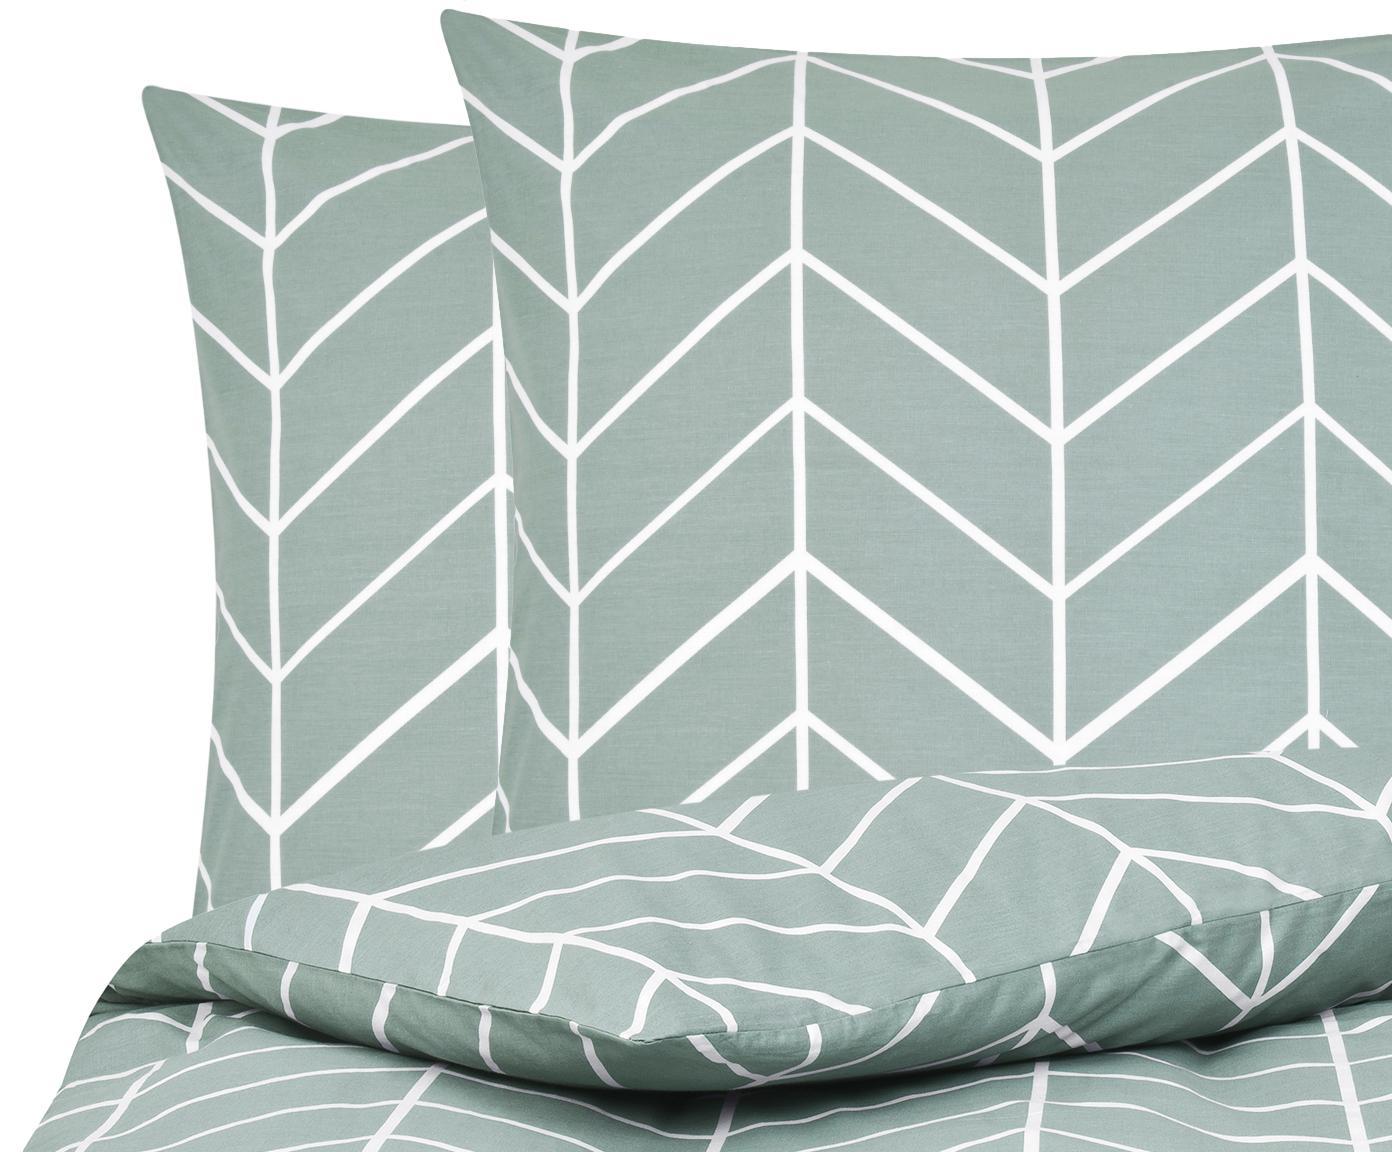 Baumwoll-Bettwäsche Mirja mit grafischem Muster, Webart: Renforcé Fadendichte 144 , Grün, Cremeweiss, 200 x 200 cm + 2 Kissen 80 x 80 cm